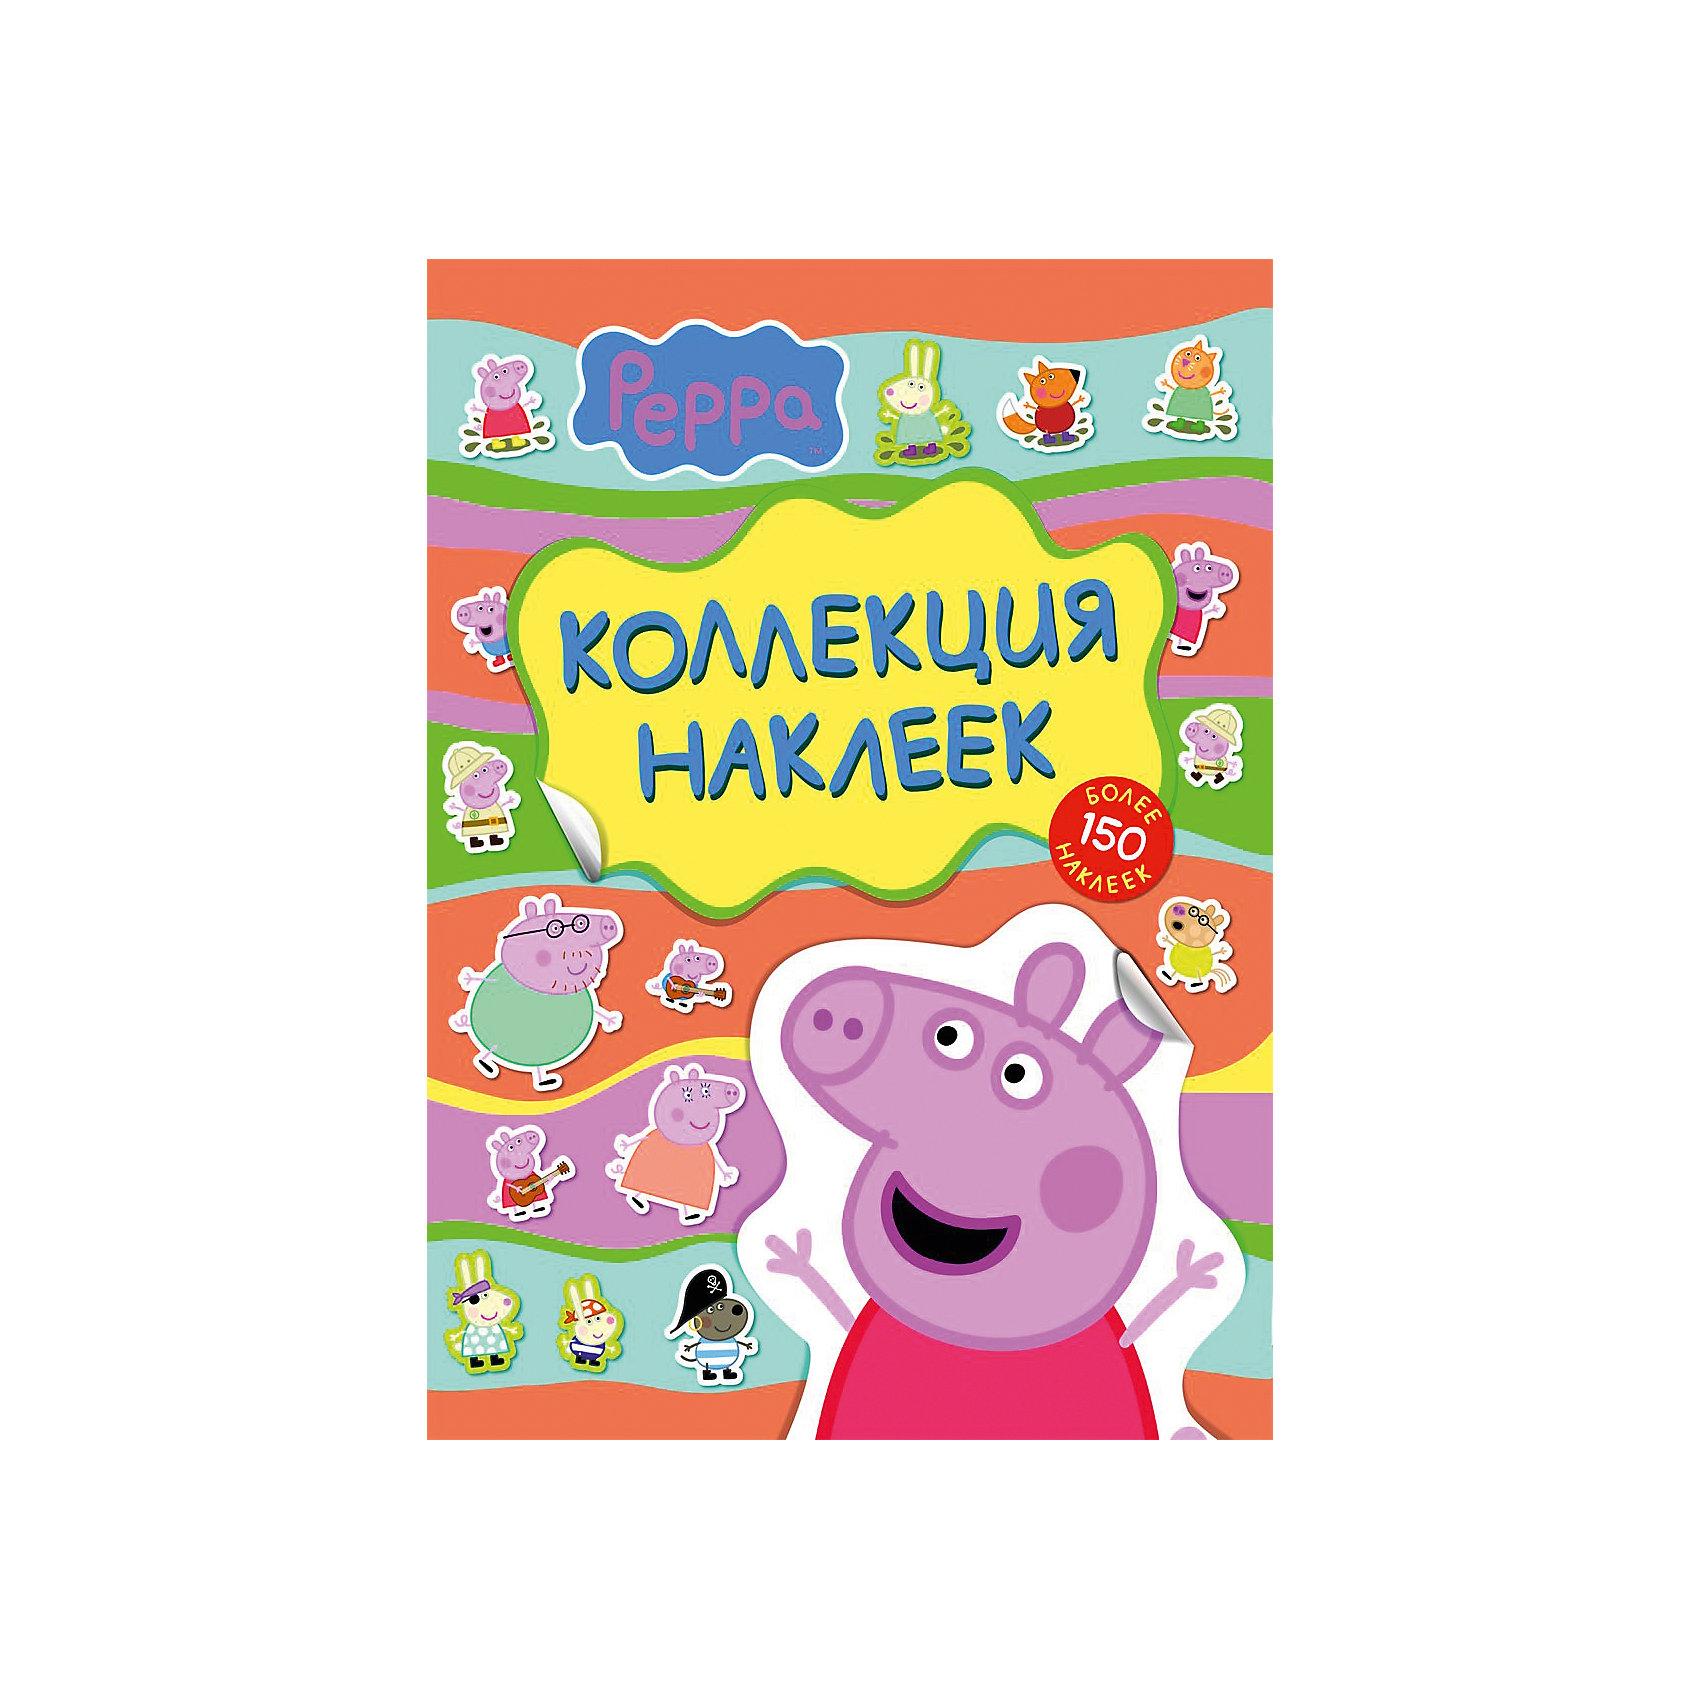 Коллекция наклеек Свинка Пеппа (желтая)Альбом Свинка Пеппа («Peppa Pig») - это целая коллекция чудесных наклеек.&#13; Очаровательная Пеппа, ее семья и друзья подарят радость вашему ребенку!&#13; Украшайте наклейками тетради, анкеты, открытки, подарки и комнату вашего малыша.<br><br>Дополнительная информация:<br><br>- Формат: 27,5х20 см.<br>- Количество страниц: 8.<br>- Переплет: мягкий.<br>- Иллюстрации: цветные.<br><br>Коллекцию наклеек Свинка Пеппа (желтую) можно купить в нашем магазине.<br><br>Ширина мм: 275<br>Глубина мм: 200<br>Высота мм: 3<br>Вес г: 60<br>Возраст от месяцев: 36<br>Возраст до месяцев: 108<br>Пол: Унисекс<br>Возраст: Детский<br>SKU: 4547734